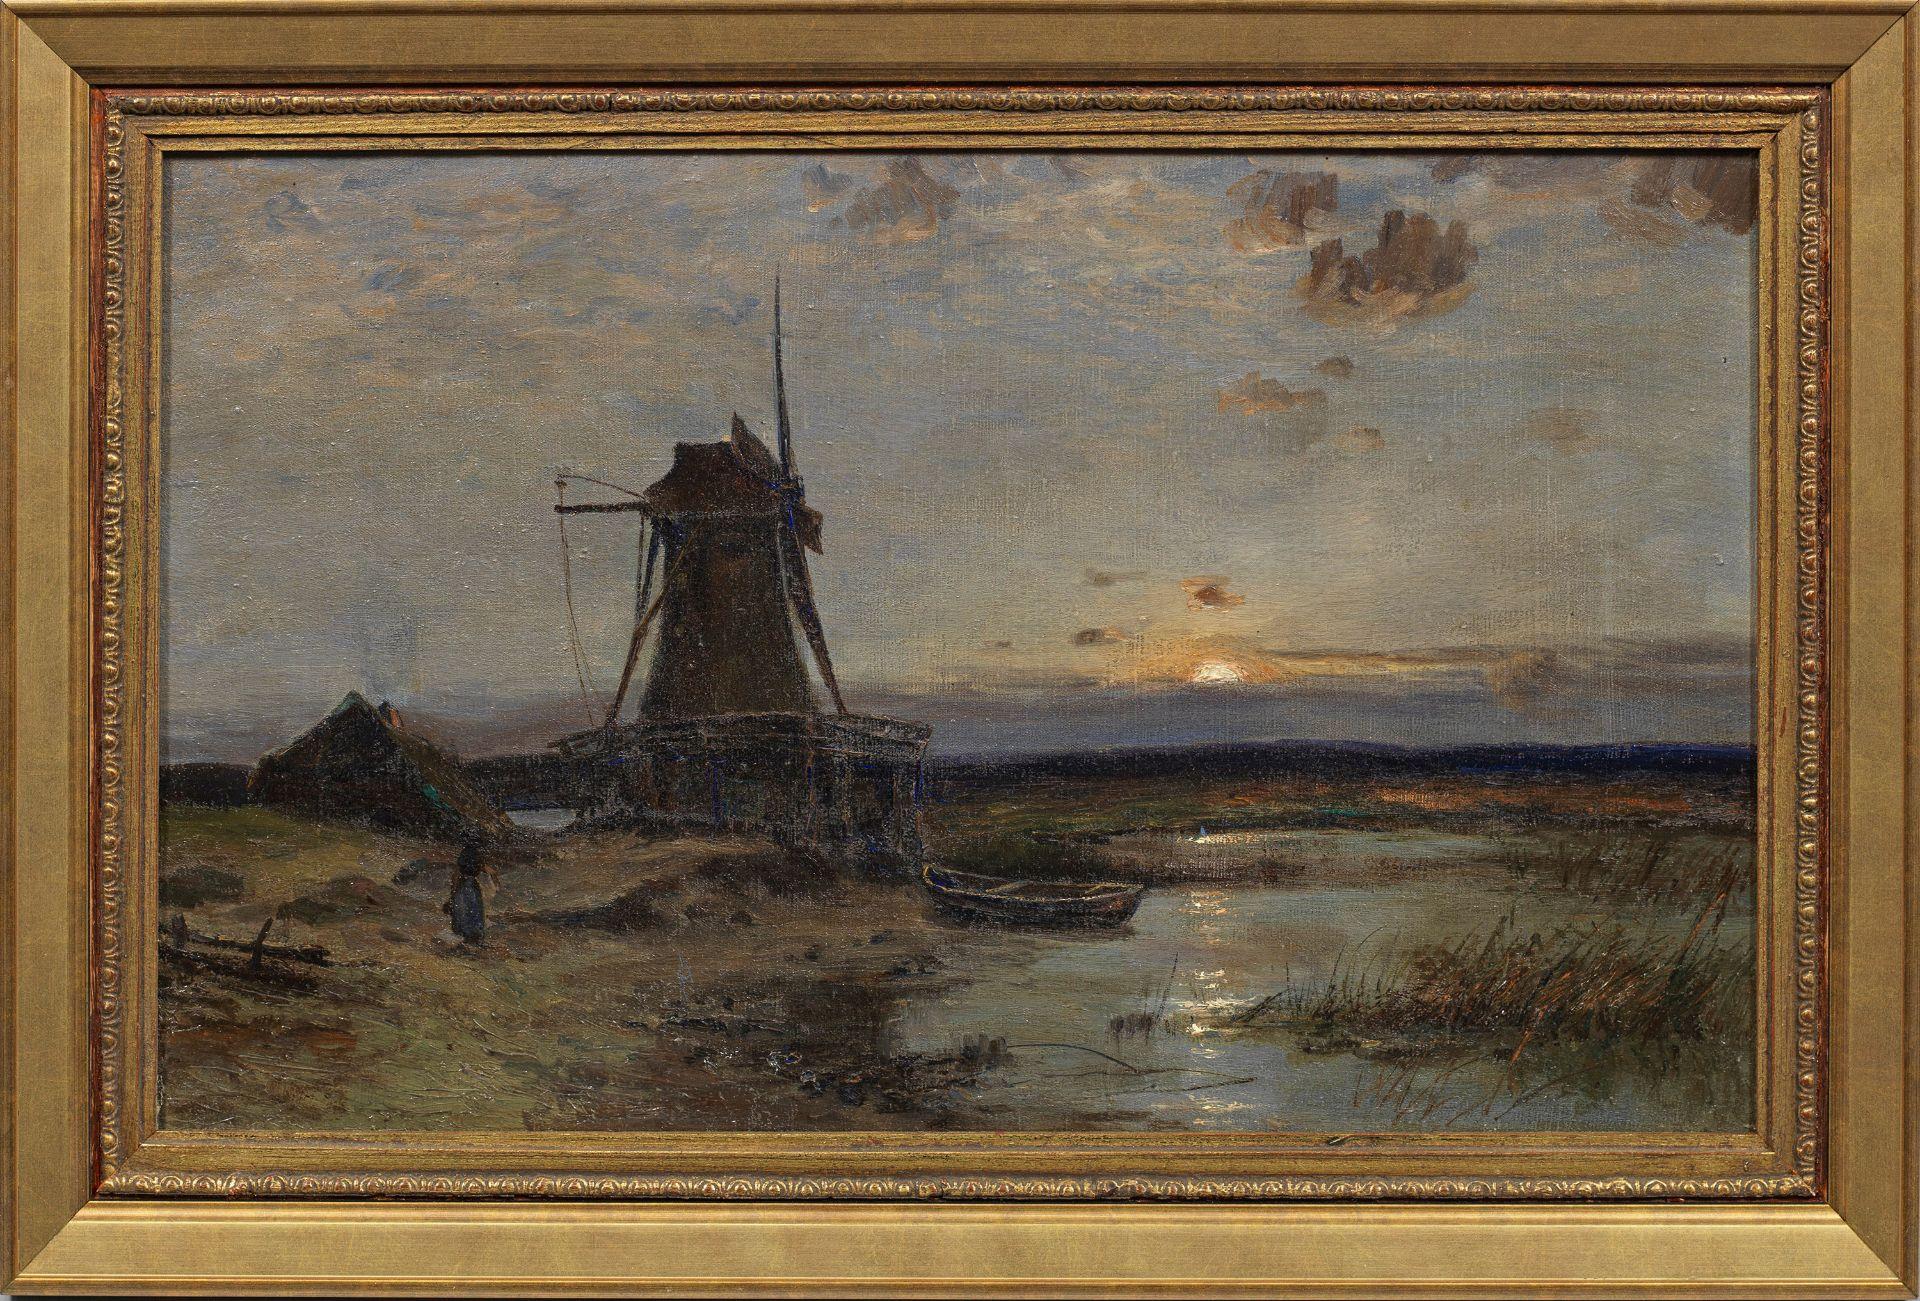 Willem Roelofs